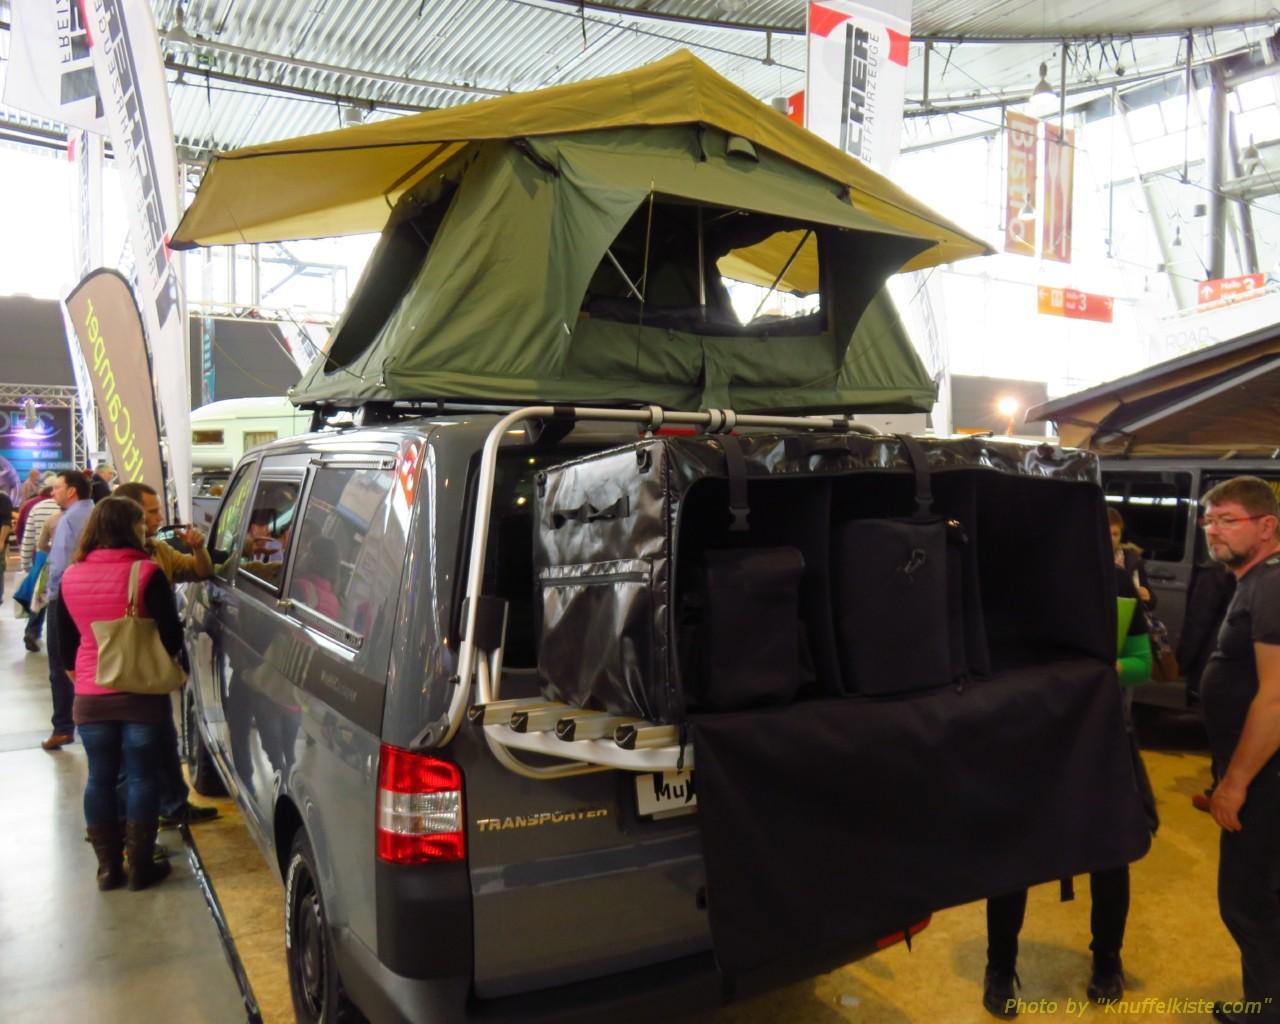 noch ein Campingbus aussen mit Dachzelt und Staubox